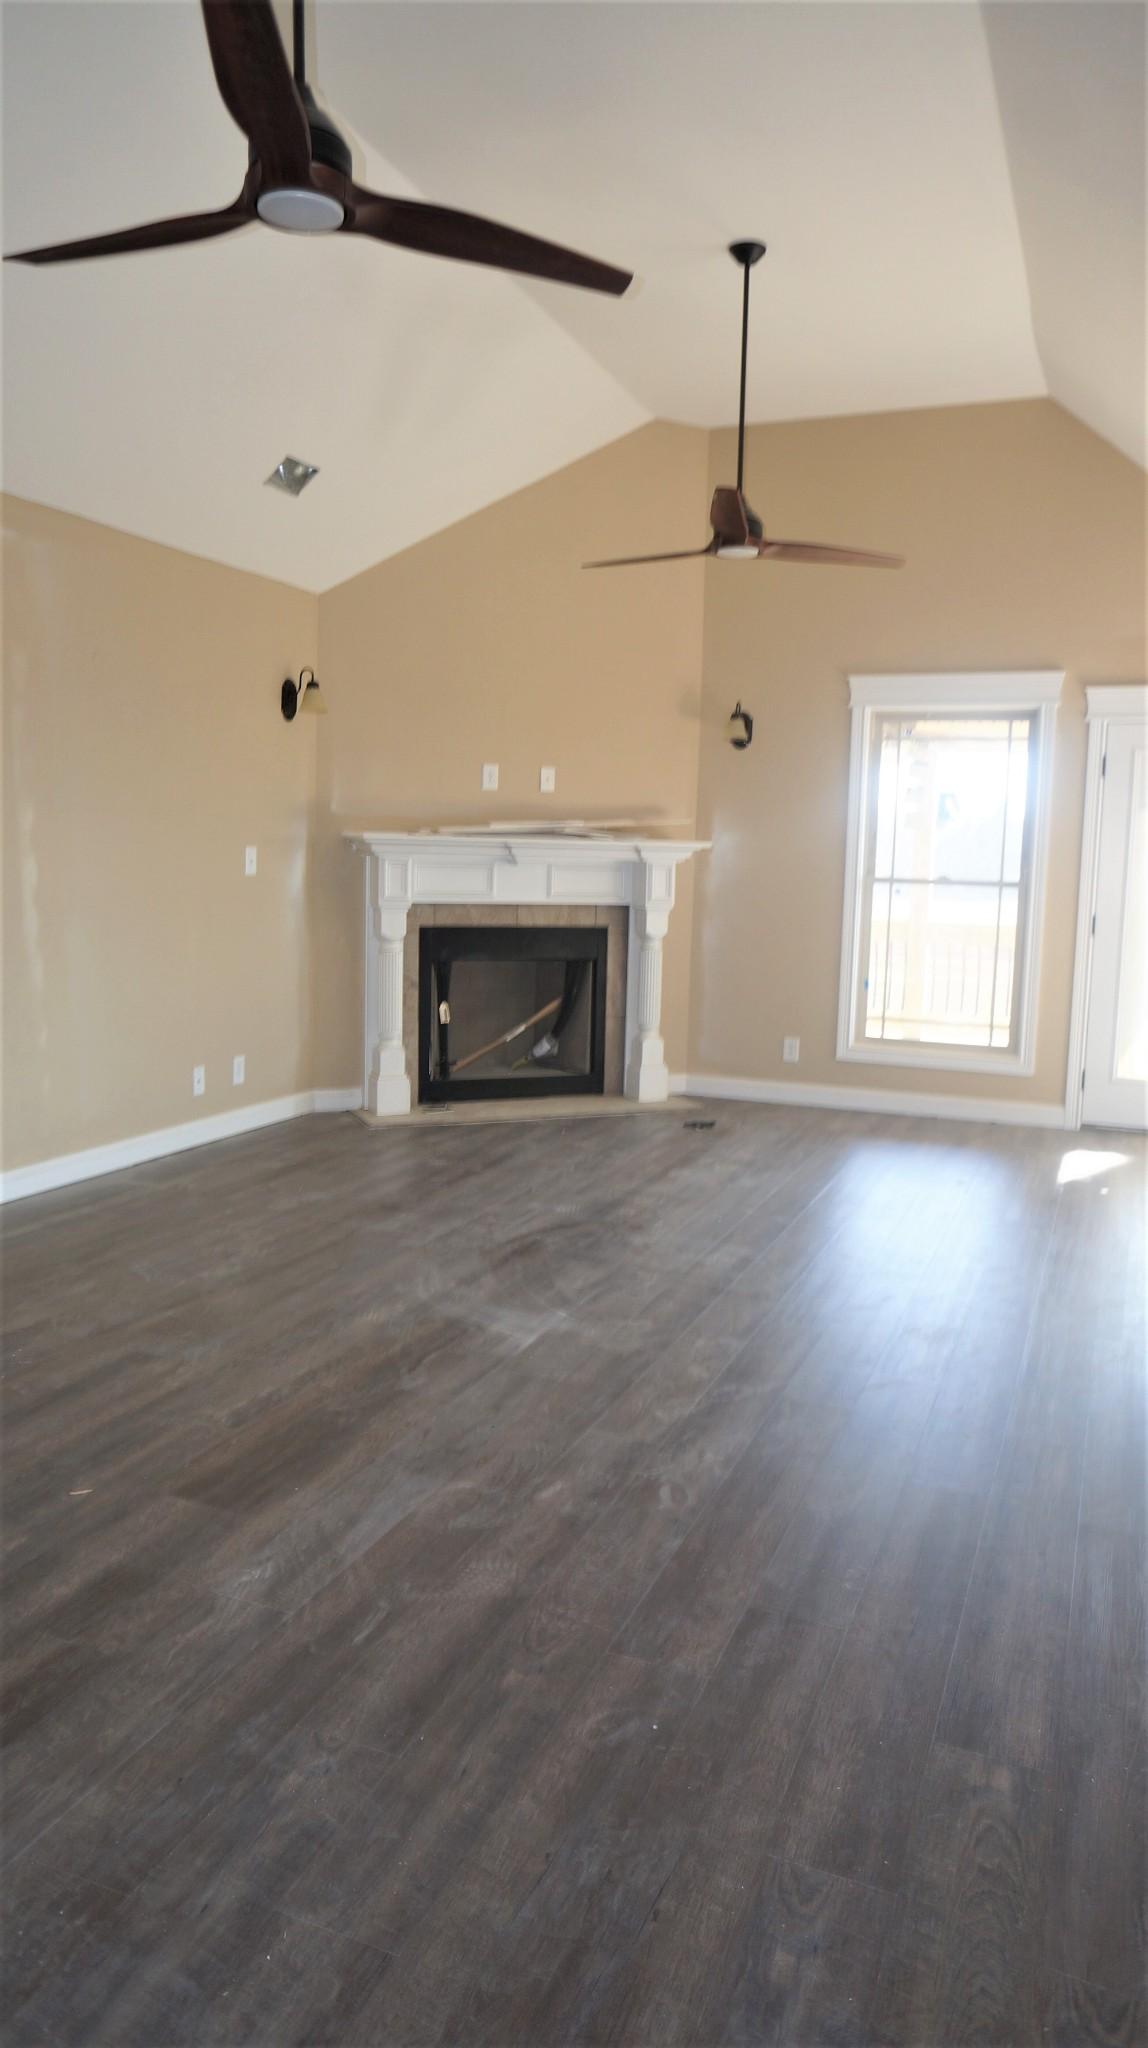 468 Autumnwood Farms , Clarksville, TN 37042 - Clarksville, TN real estate listing